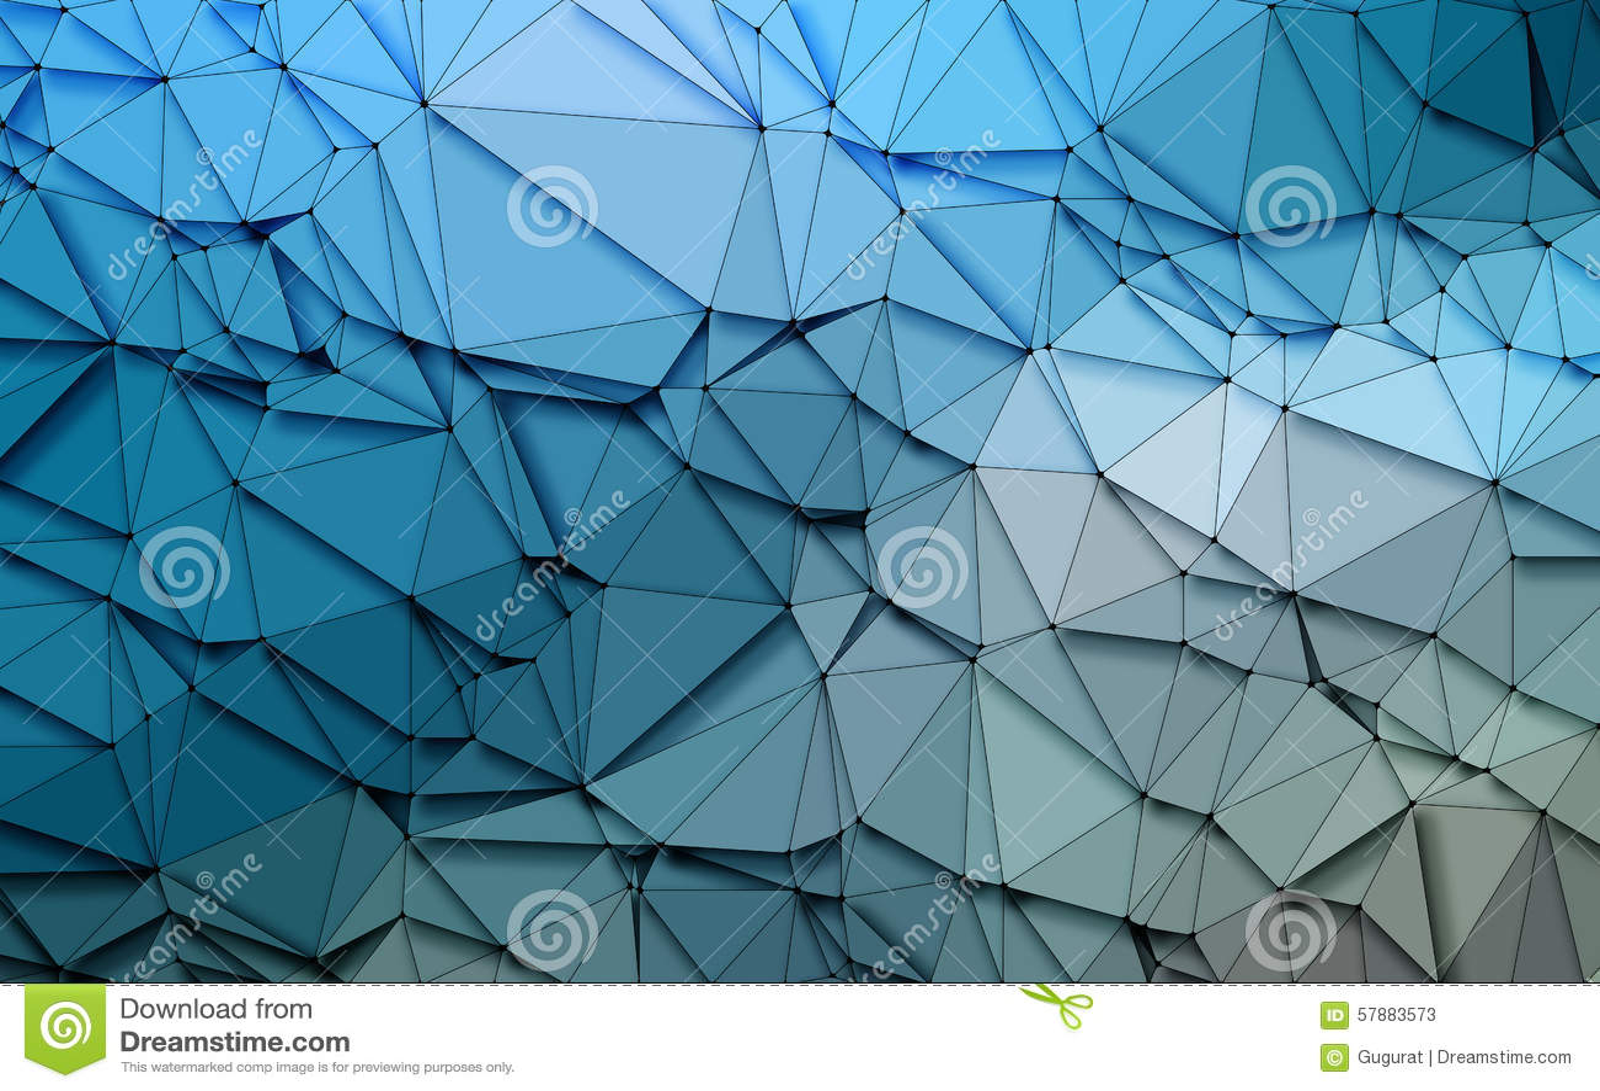 Fondo azul de las lentejuelas de la naturaleza 3D de la papiroflexia geométrica simple abstracta del tono